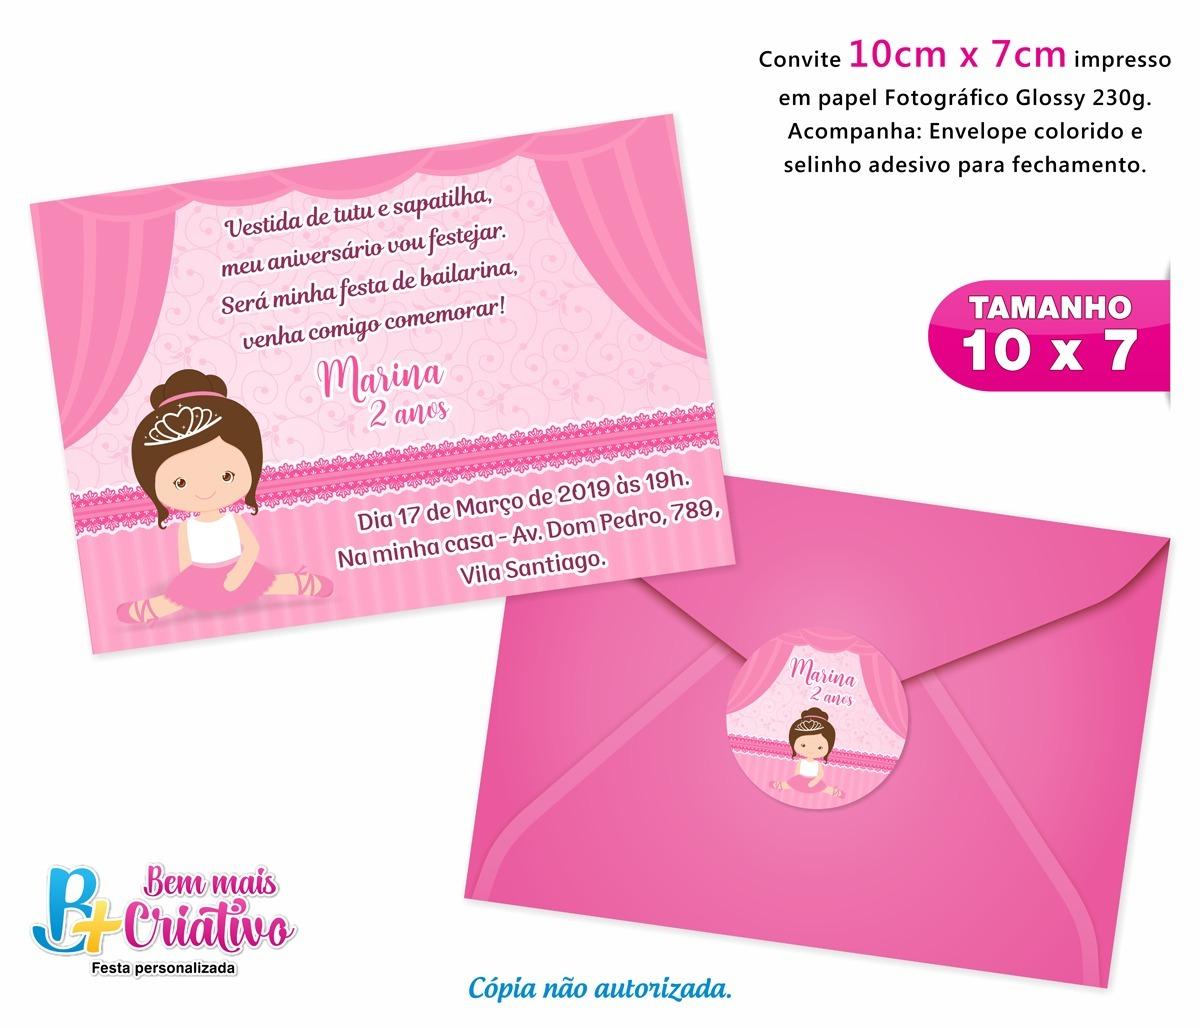 16c91e19b5 Convite Aniversário Bailarina - 35 Unidades - 10cm X 7cm - R  48